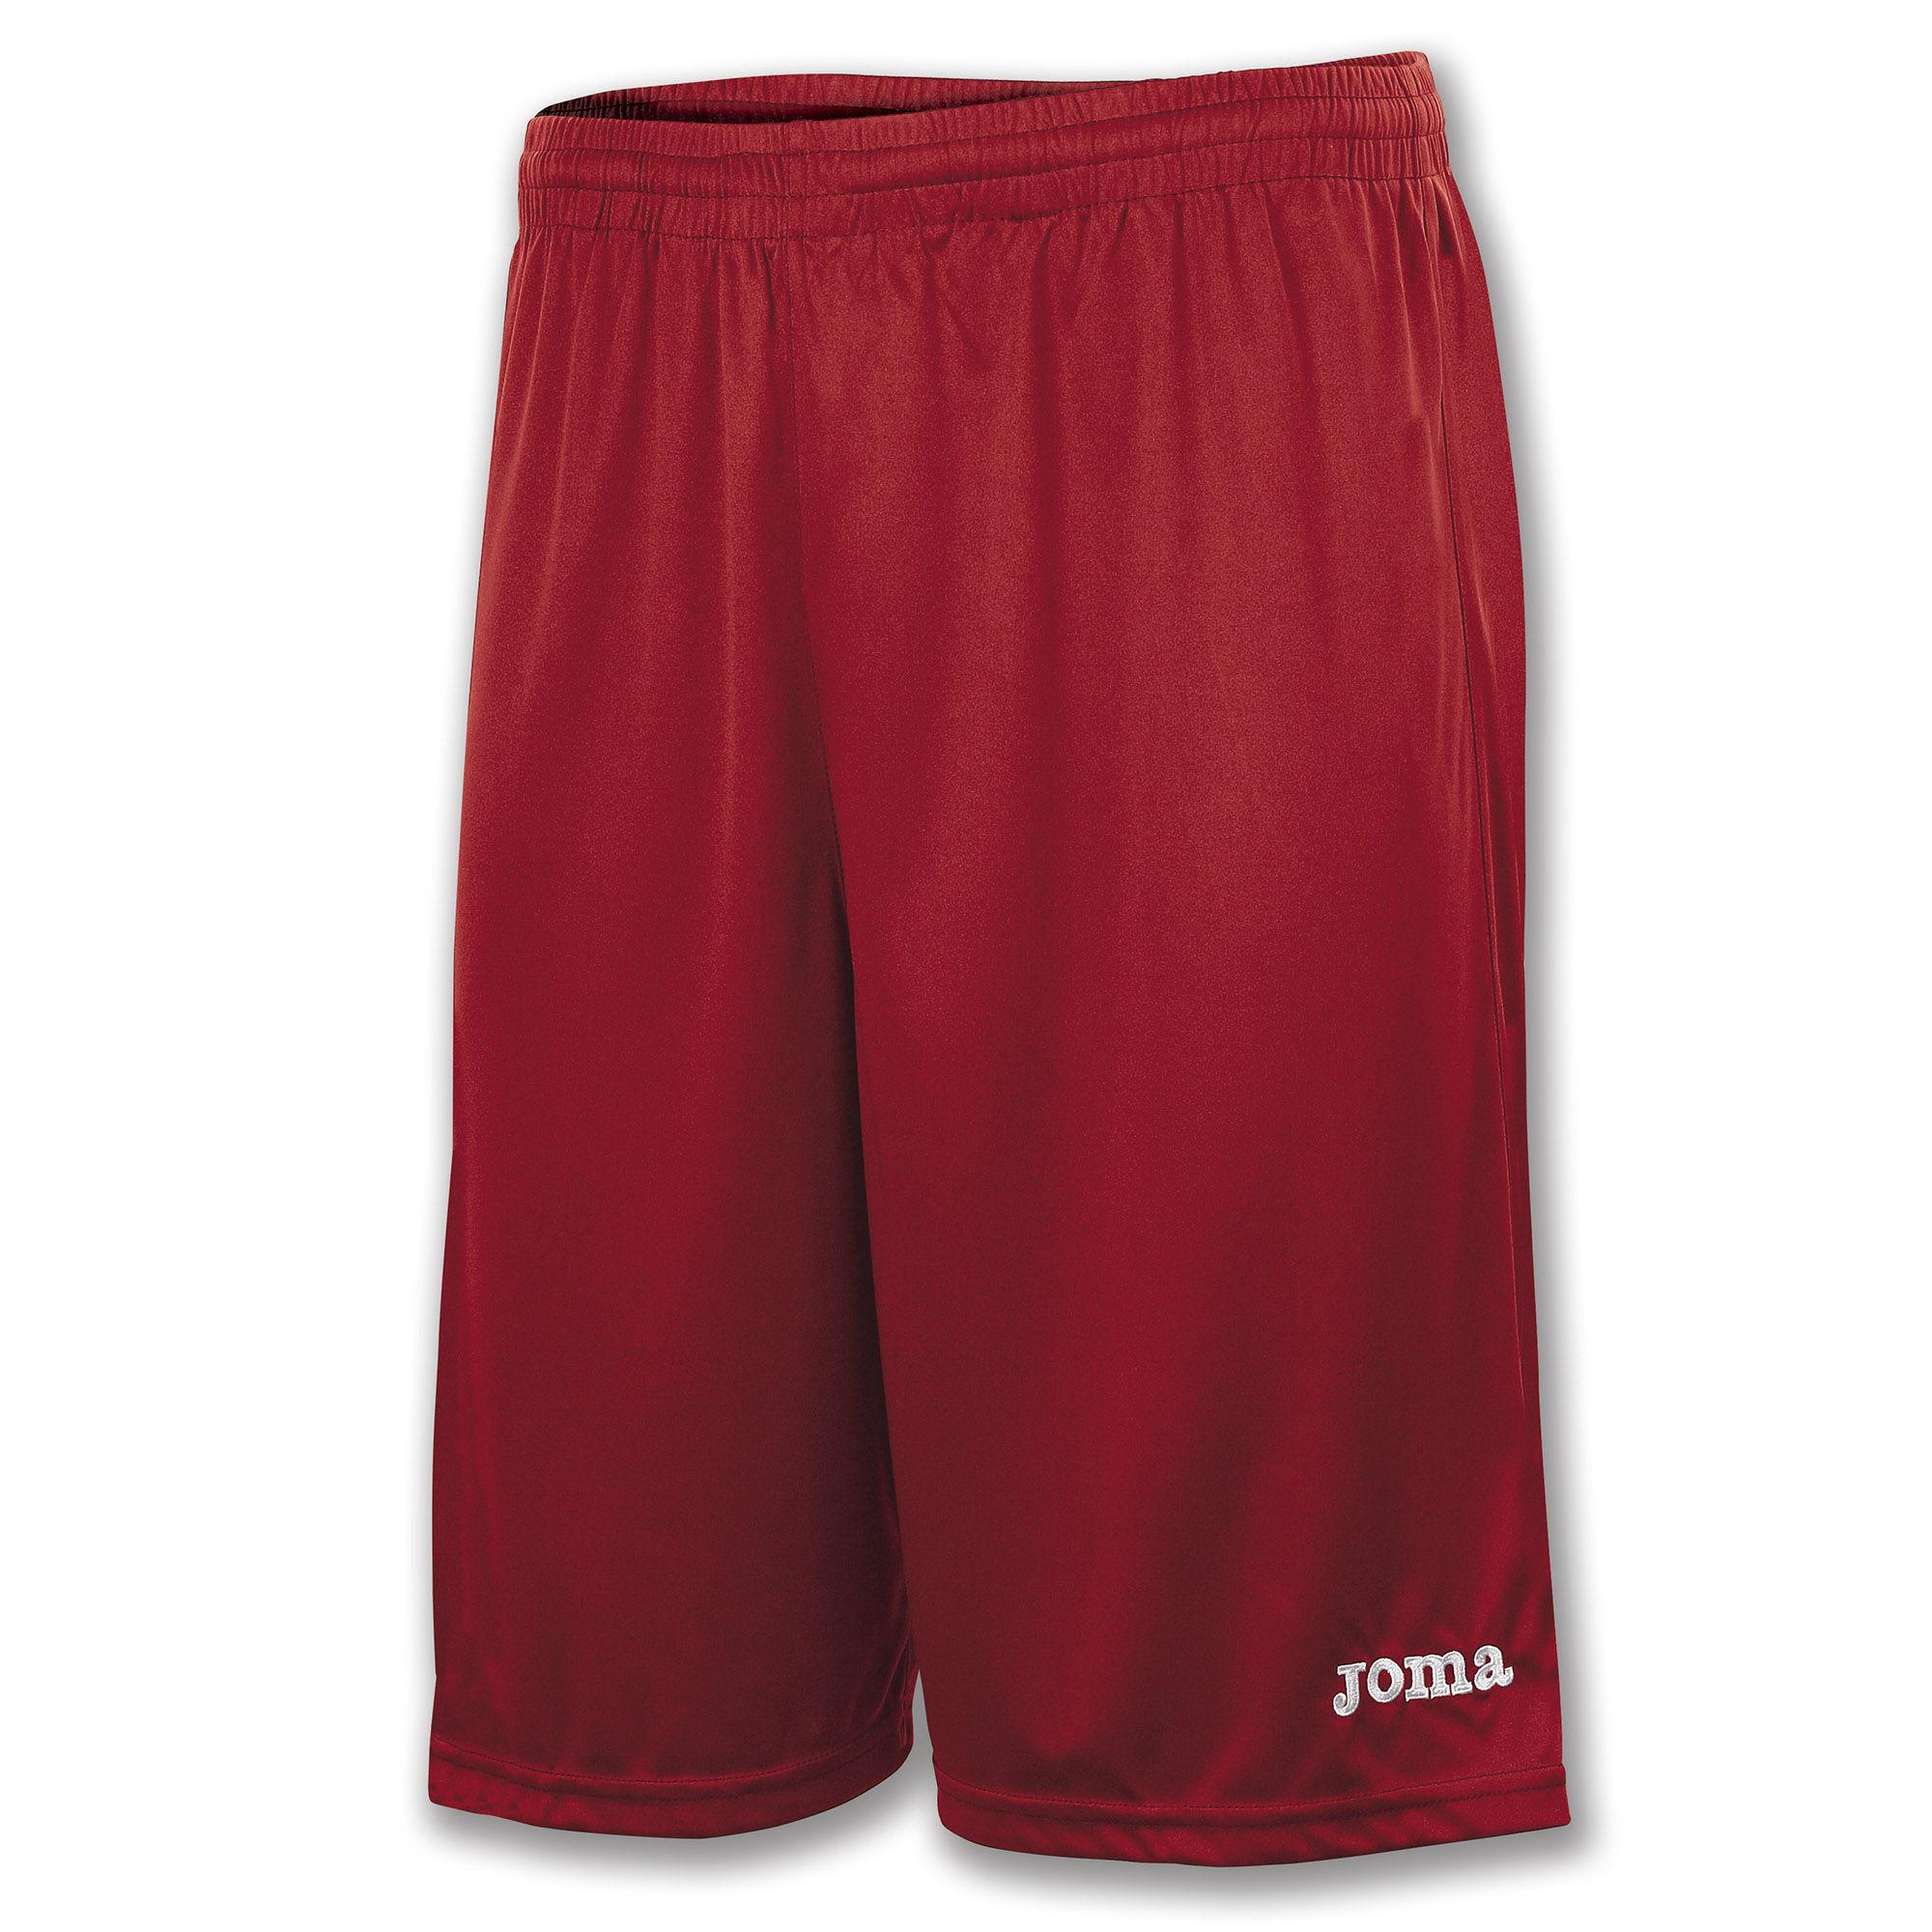 38abc99a Баскетбольные шорты для баскетбола в наличии купить от JOMA быстро с  доставкой по Кишиневу и Молдове в price.md